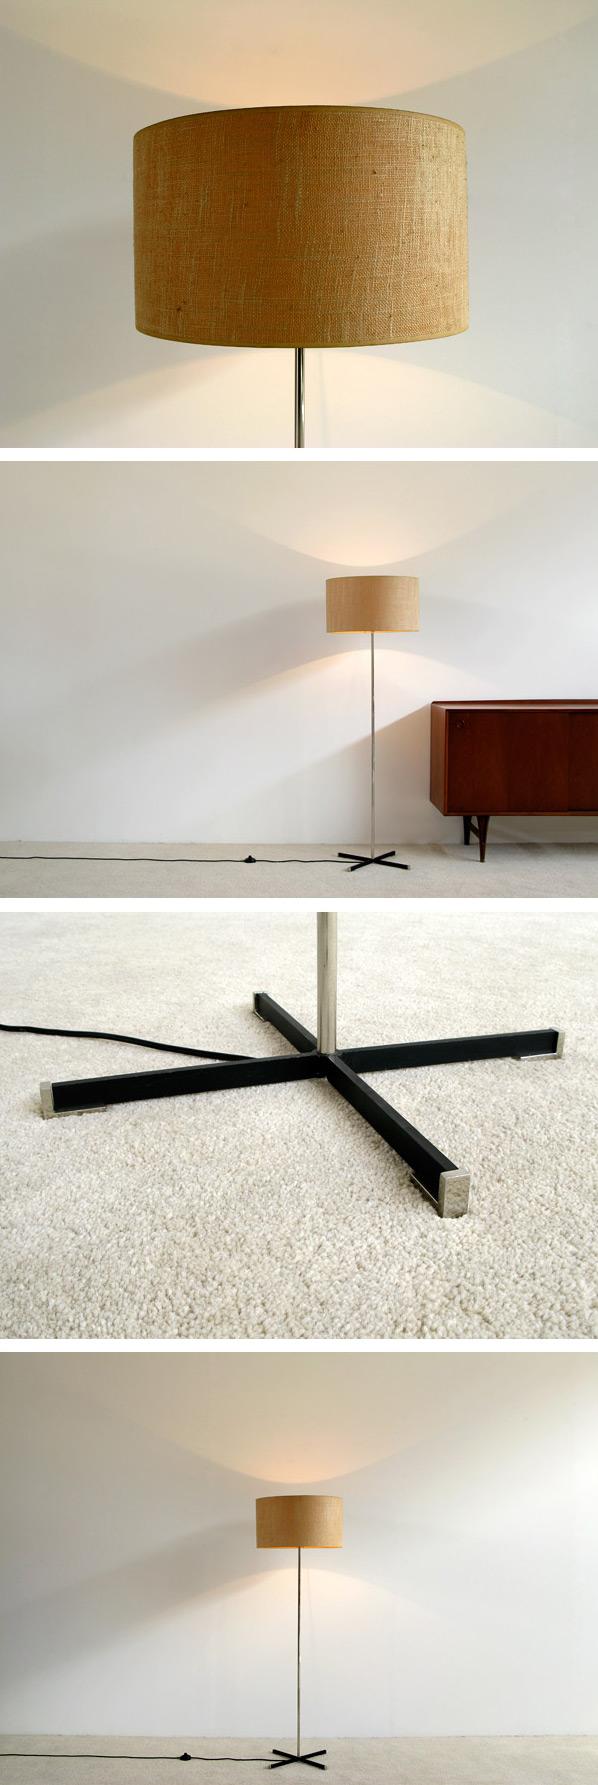 1960 Modern chrome floor lamp Large